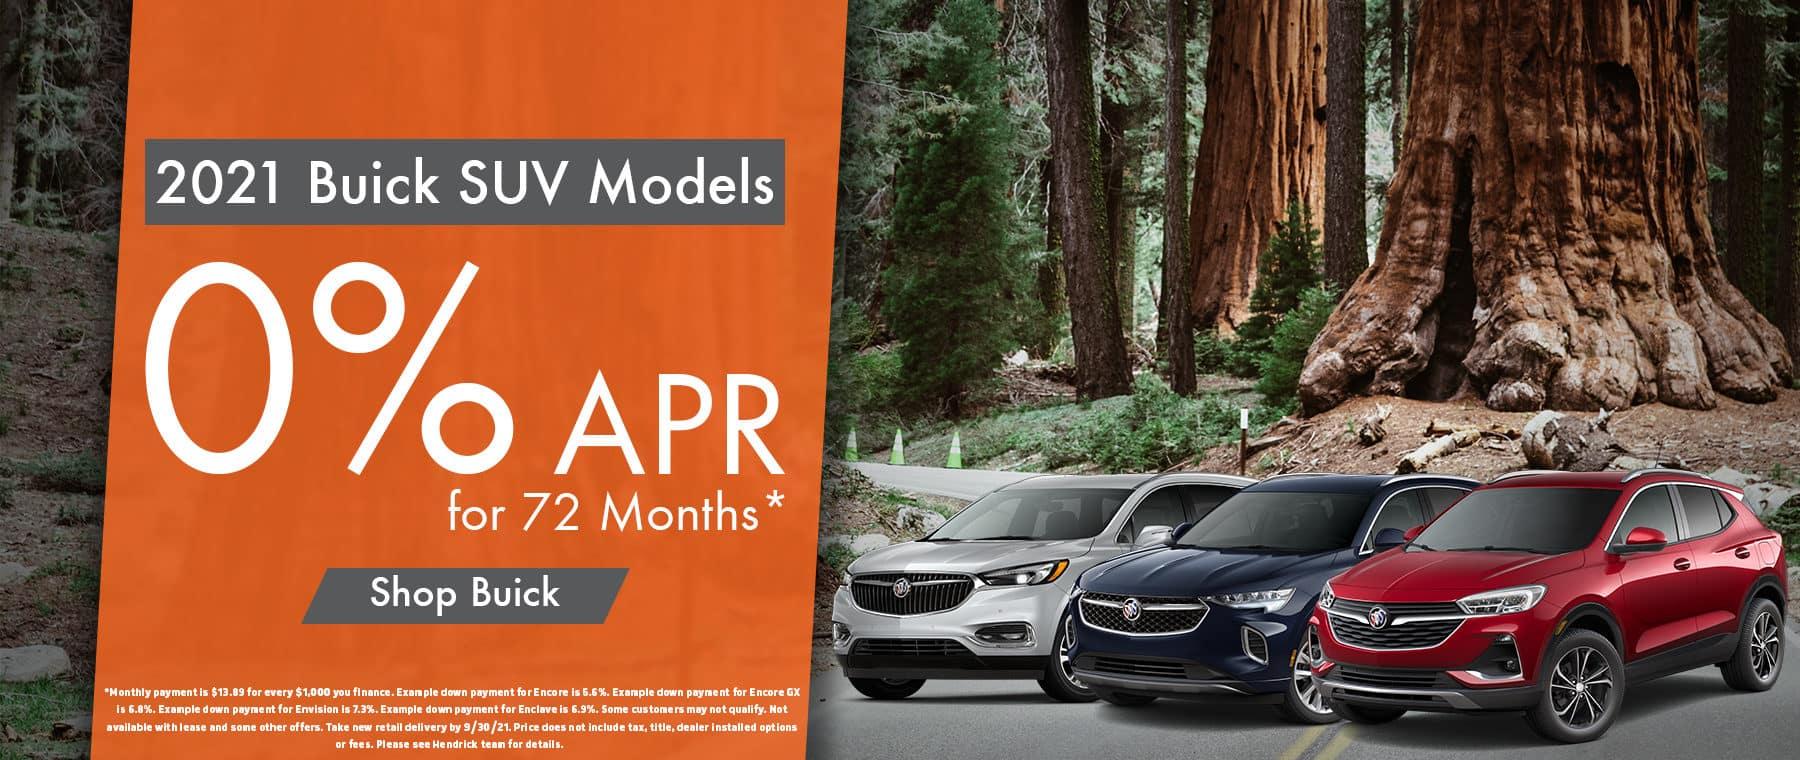 2021 buick models